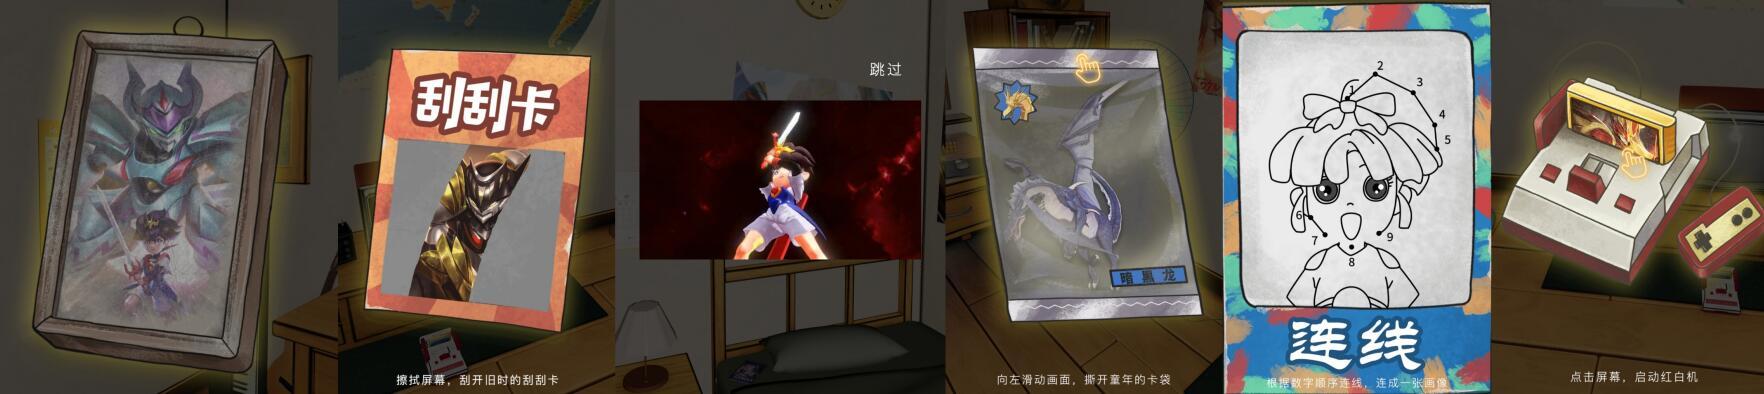 《魔神英雄传》的这支H5刷屏了,你的童年记忆治愈你